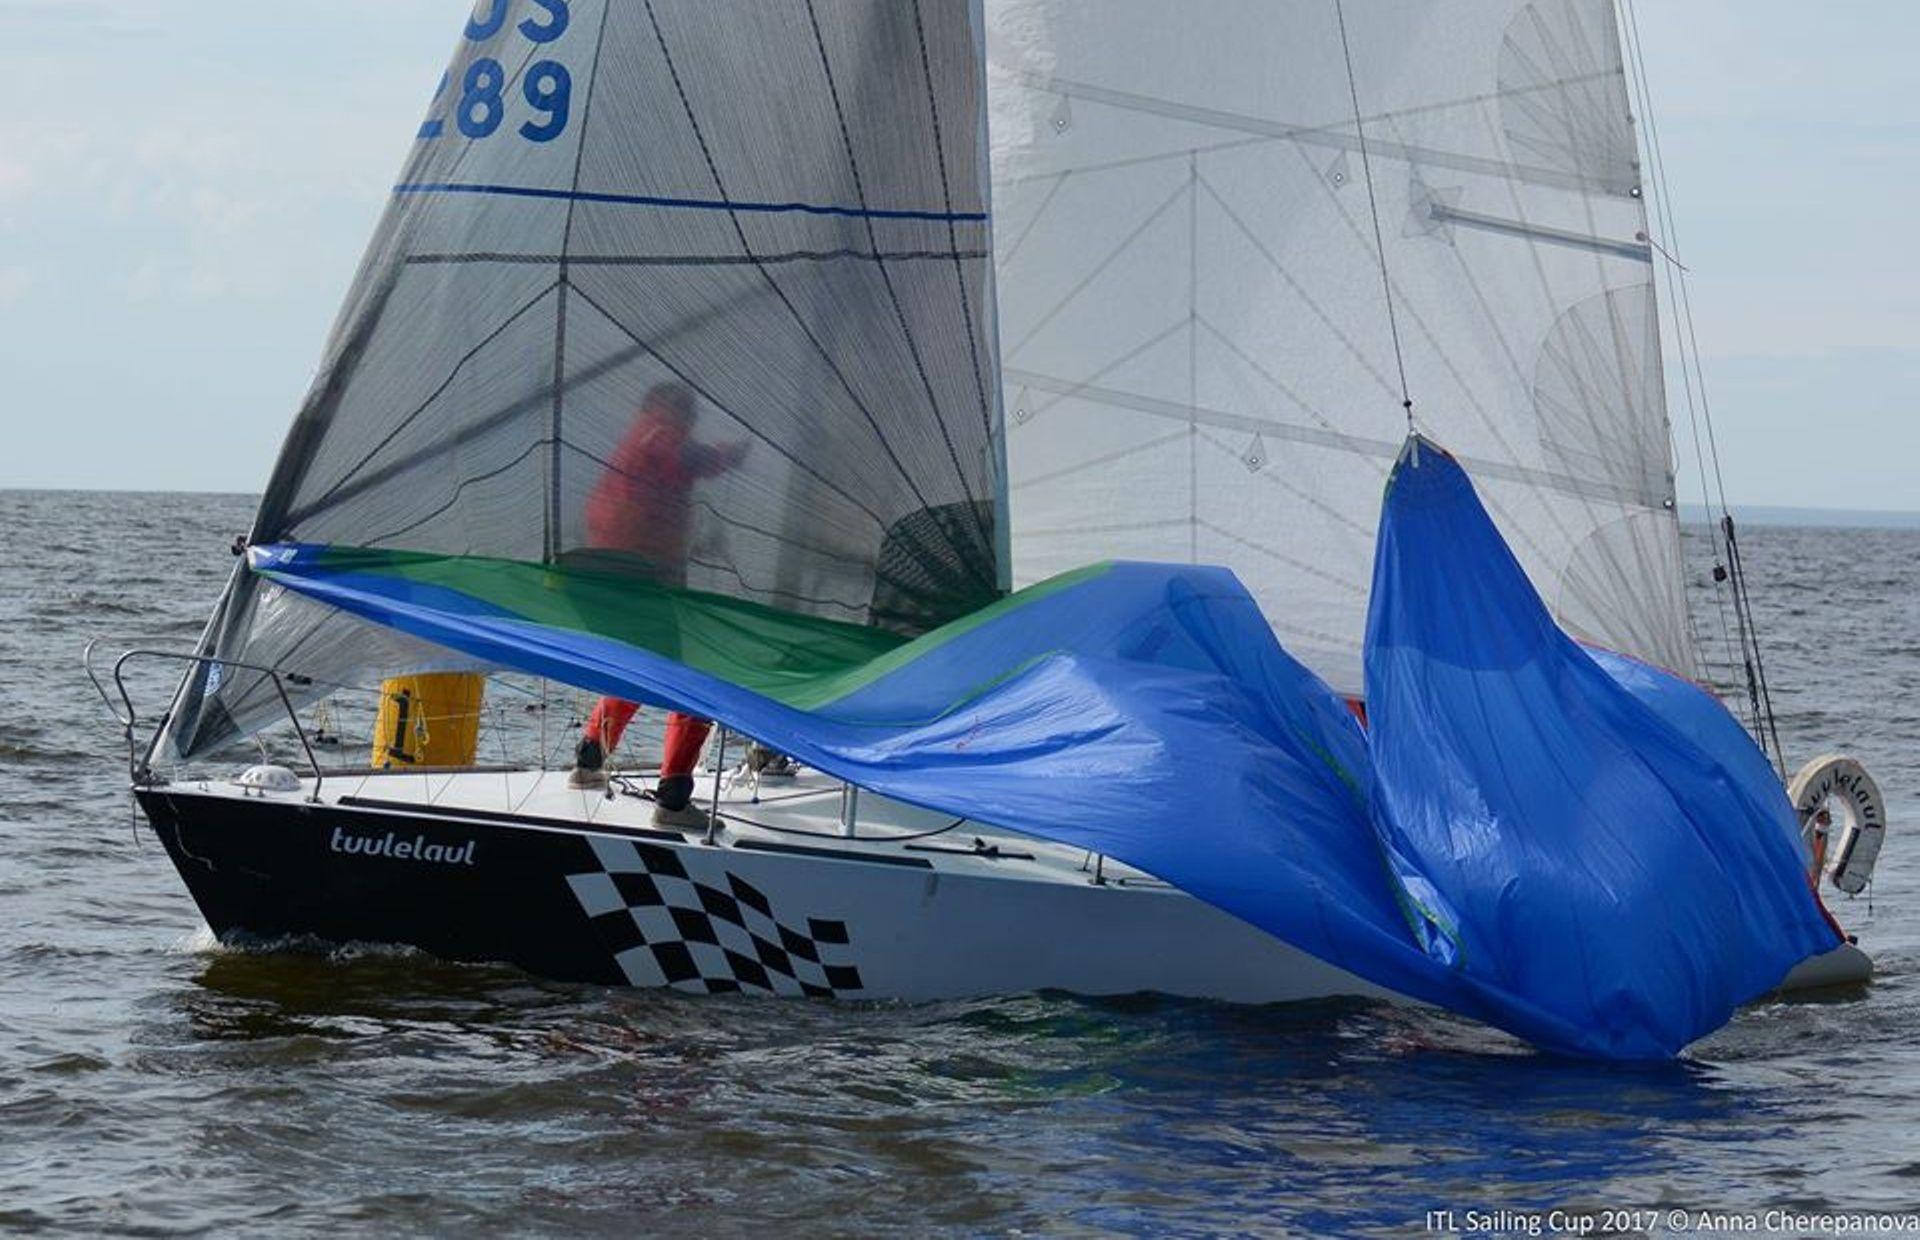 https://media.insailing.com/boat/tuulelaul-tuulelaul/image_1581498684502.jpg